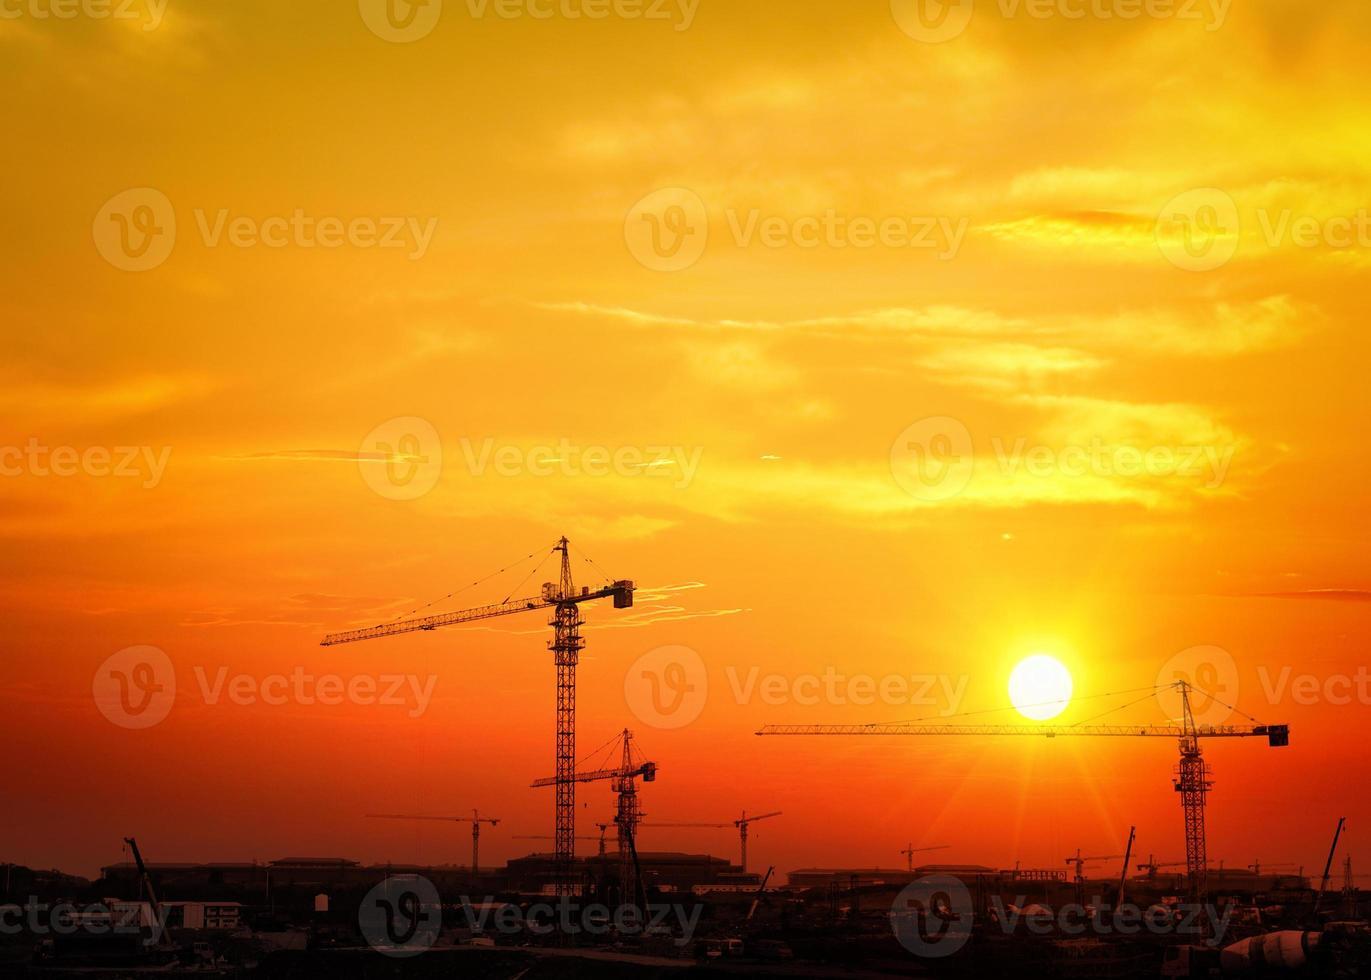 Hochspannung Post.Hochspannungsturm Himmel Hintergrund. foto